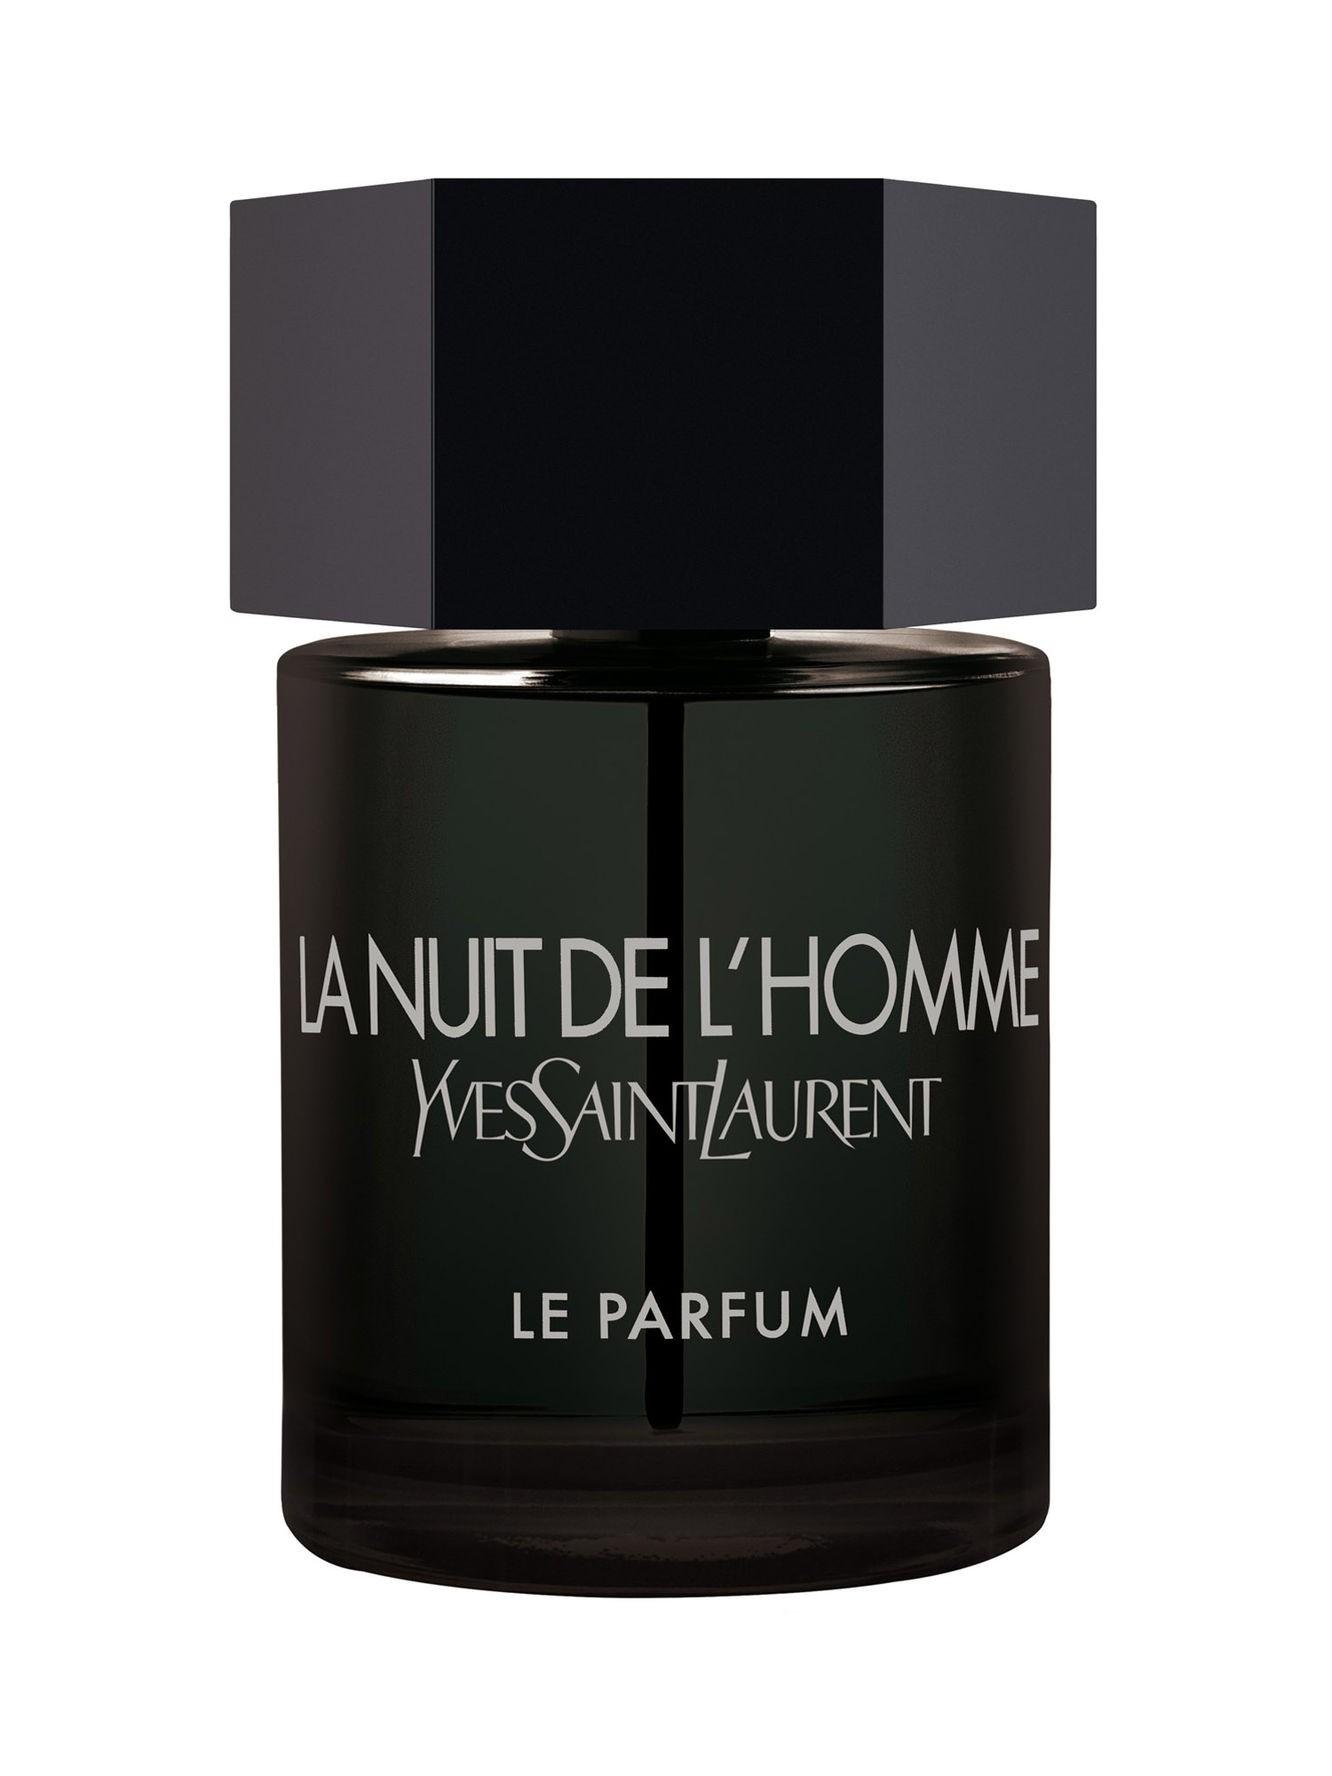 Yves Saint Laurent La Nuit de L'Homme Le Parfum (M) edp 100ml